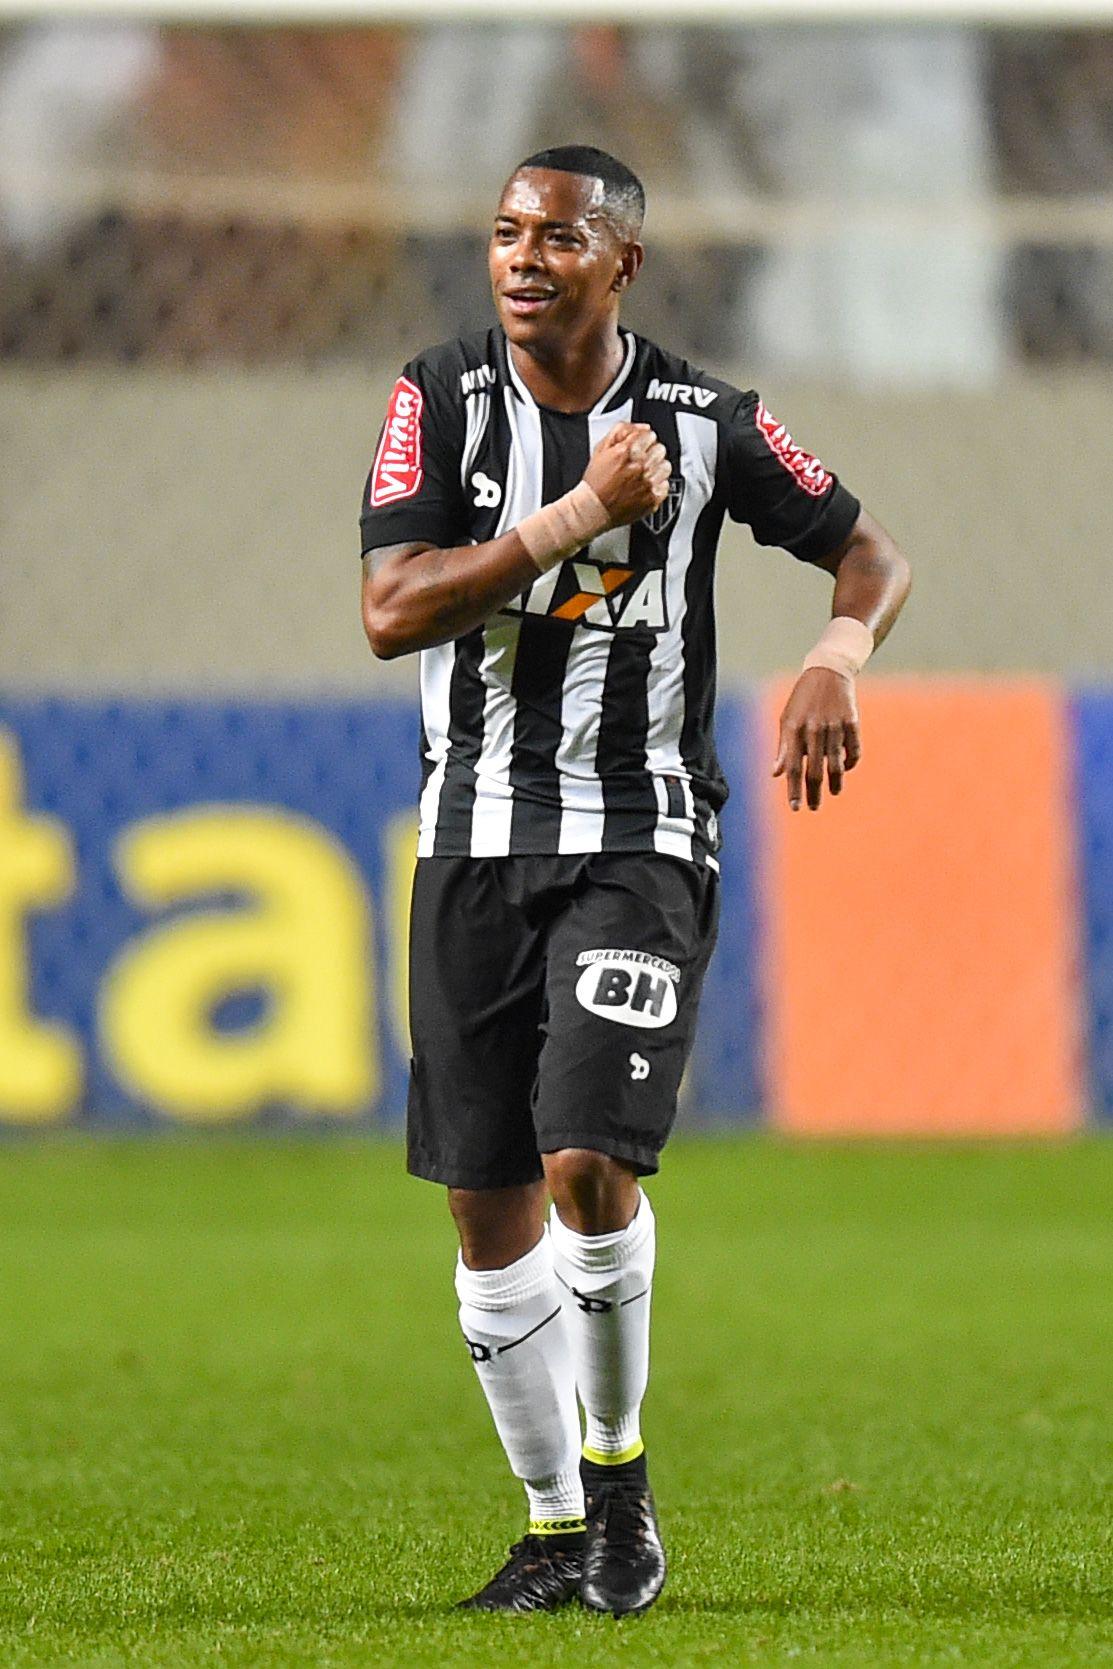 Maquina De Gols Atletico Mg Tem O Ataque Mais Positivo Do Brasil Atletico Mg Atletico Clube Atletico Mineiro